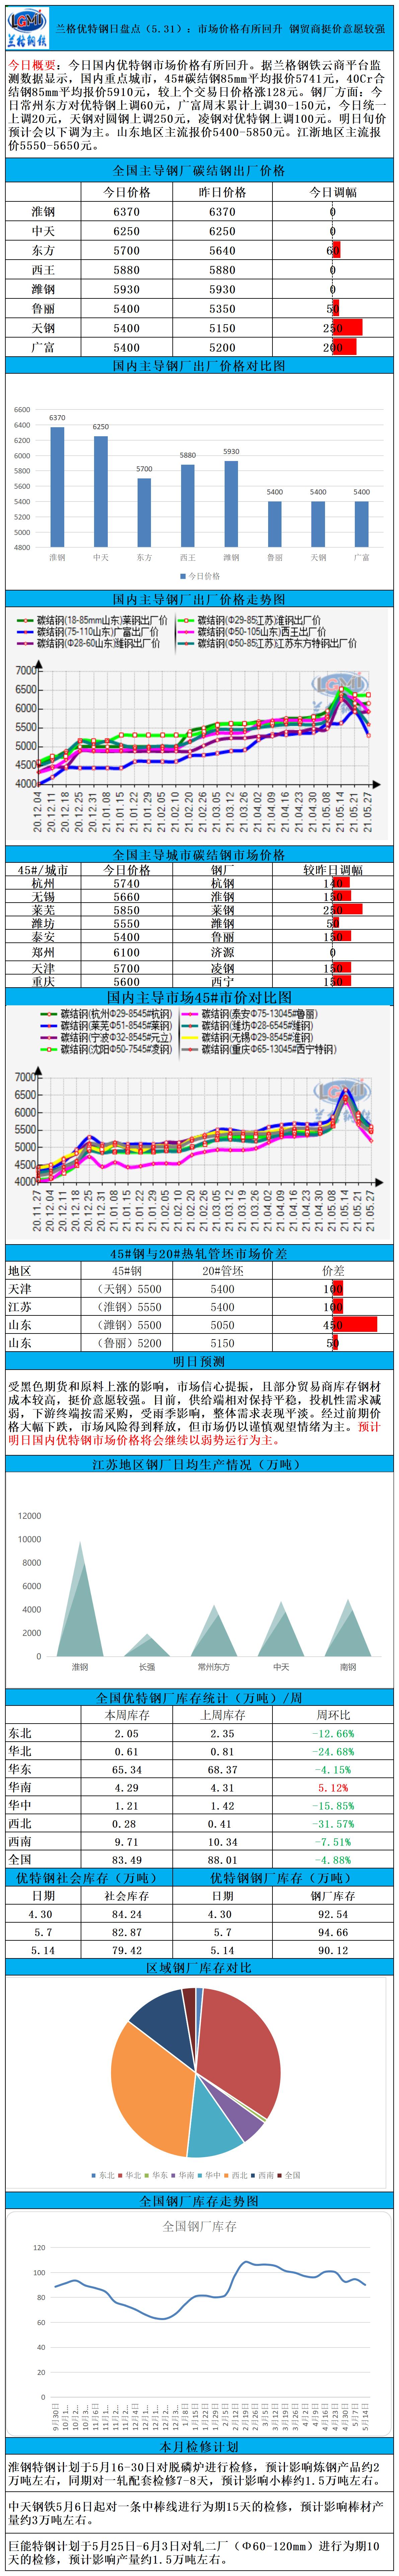 兰格优特钢日盘点(5.31):市场价格有所回升 钢贸商挺价意愿较强